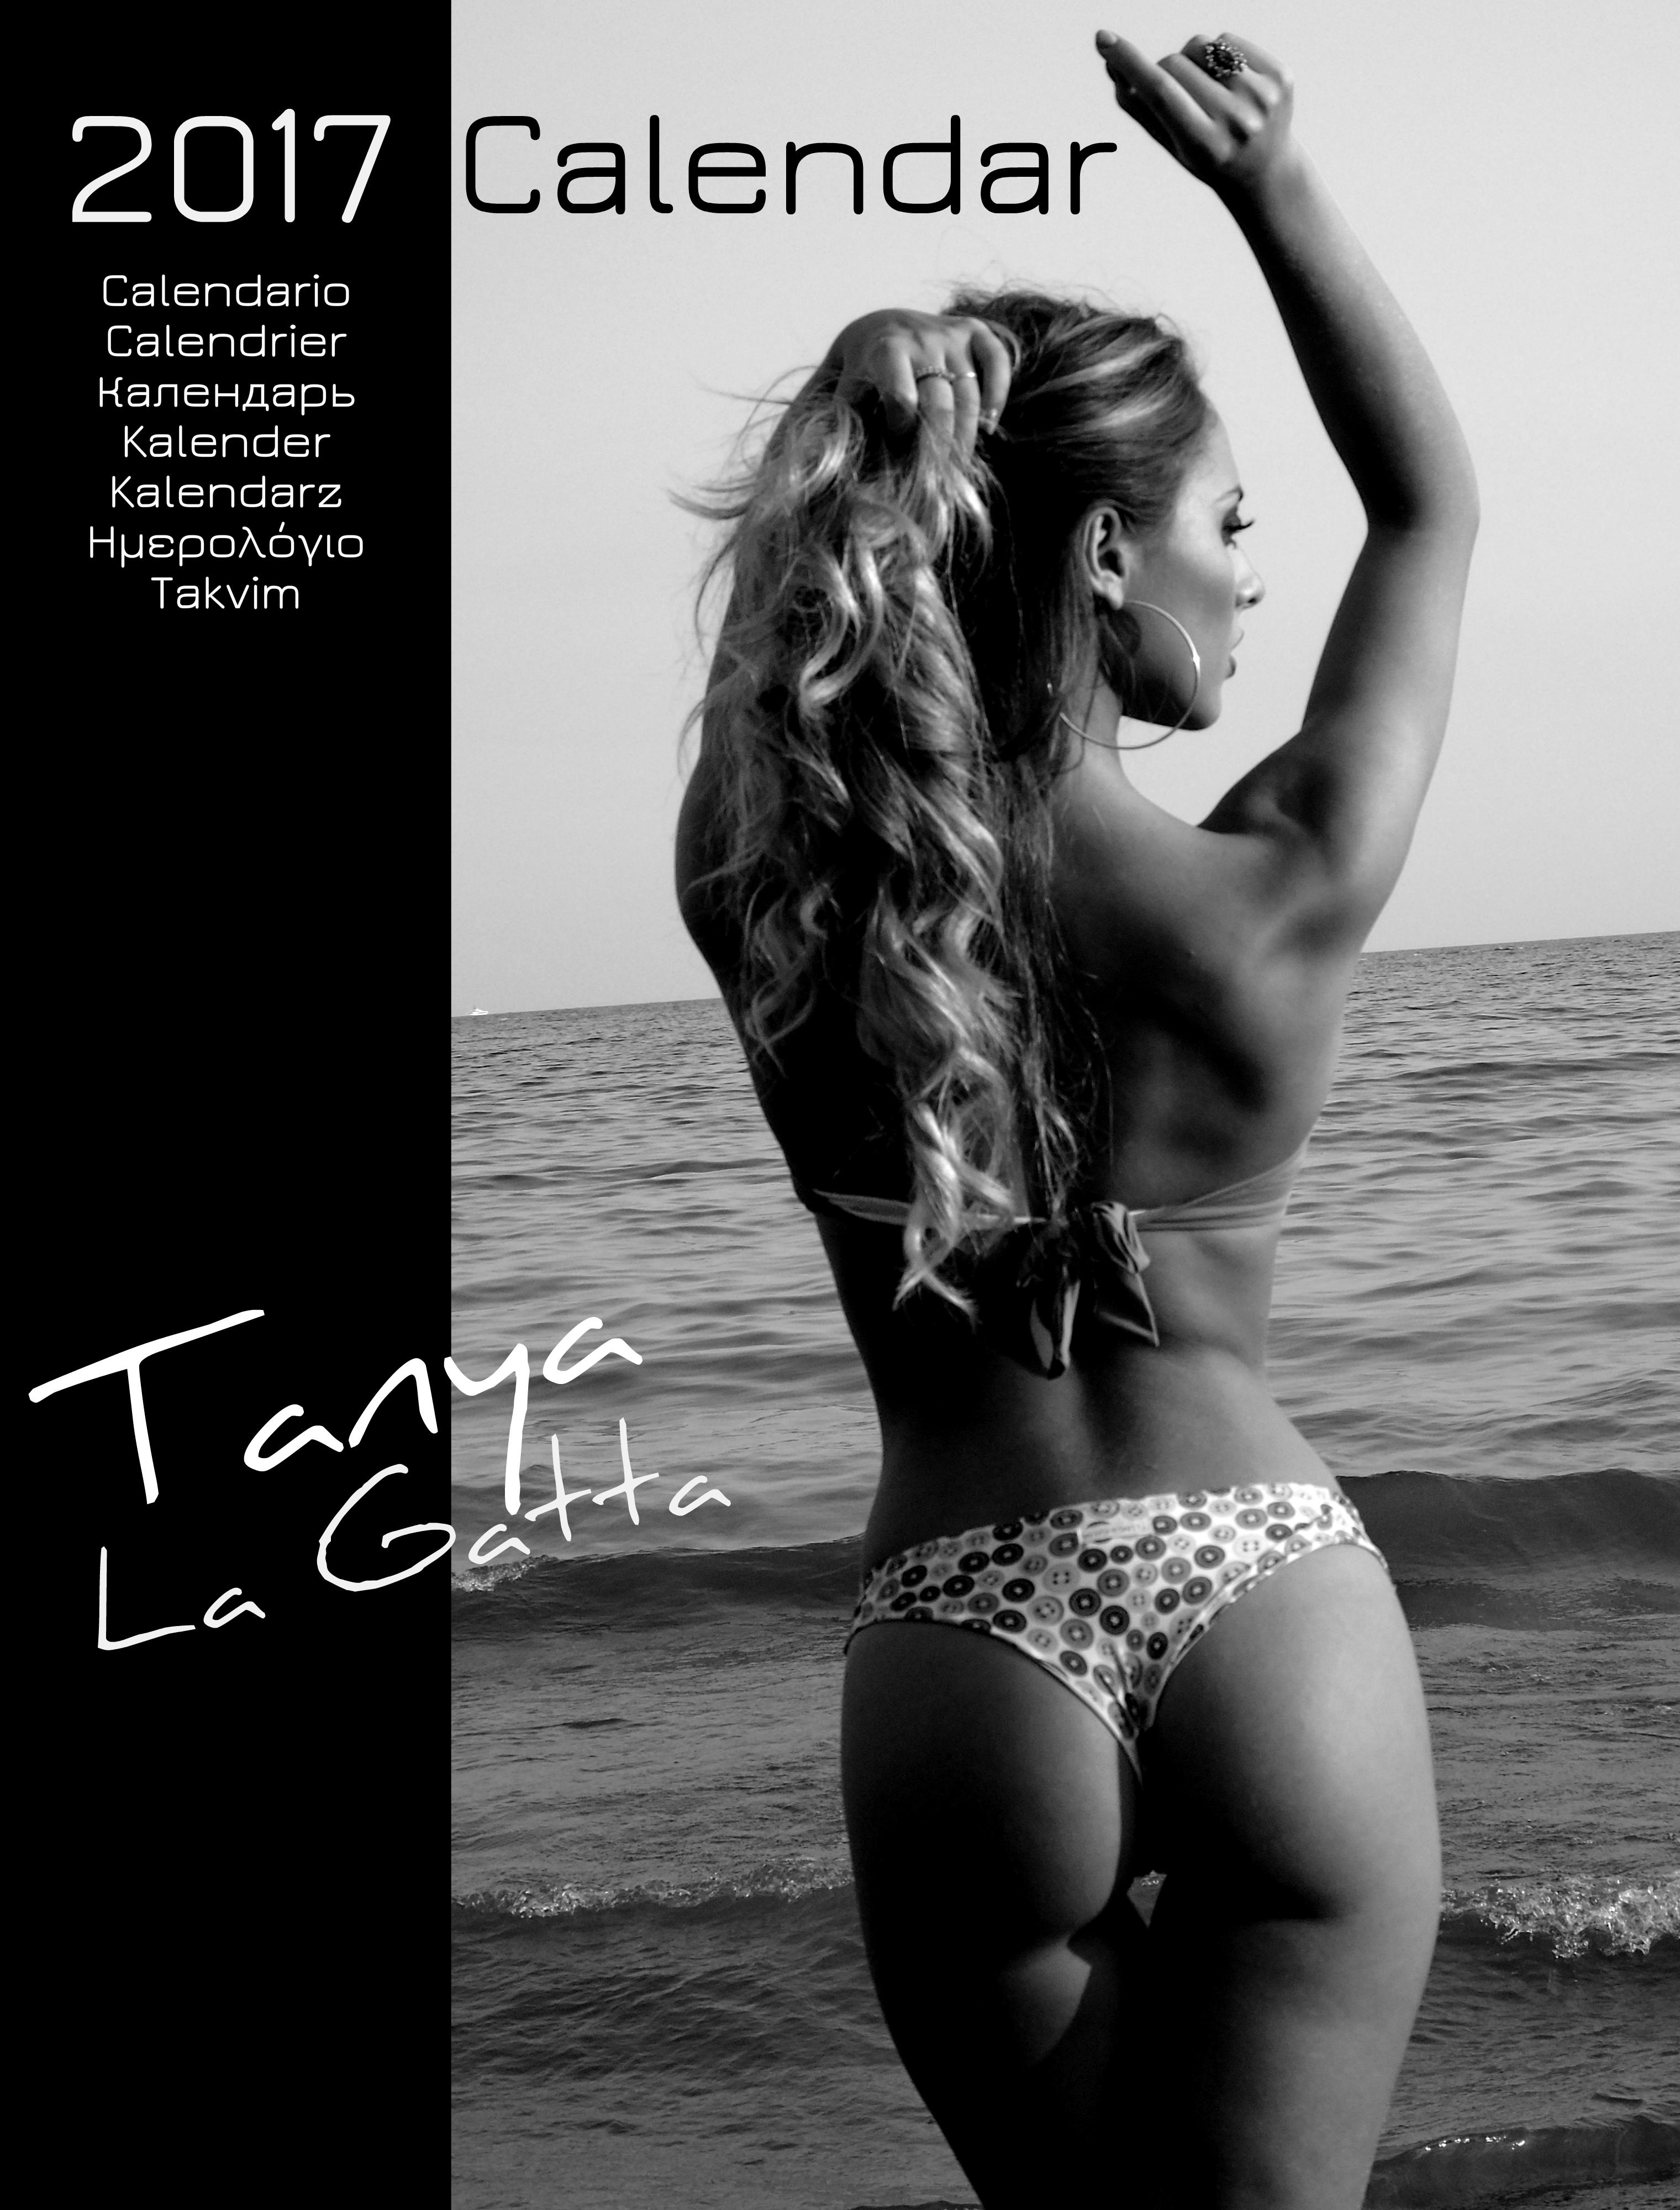 Il calendario 2017 di Tanya La Gatta.